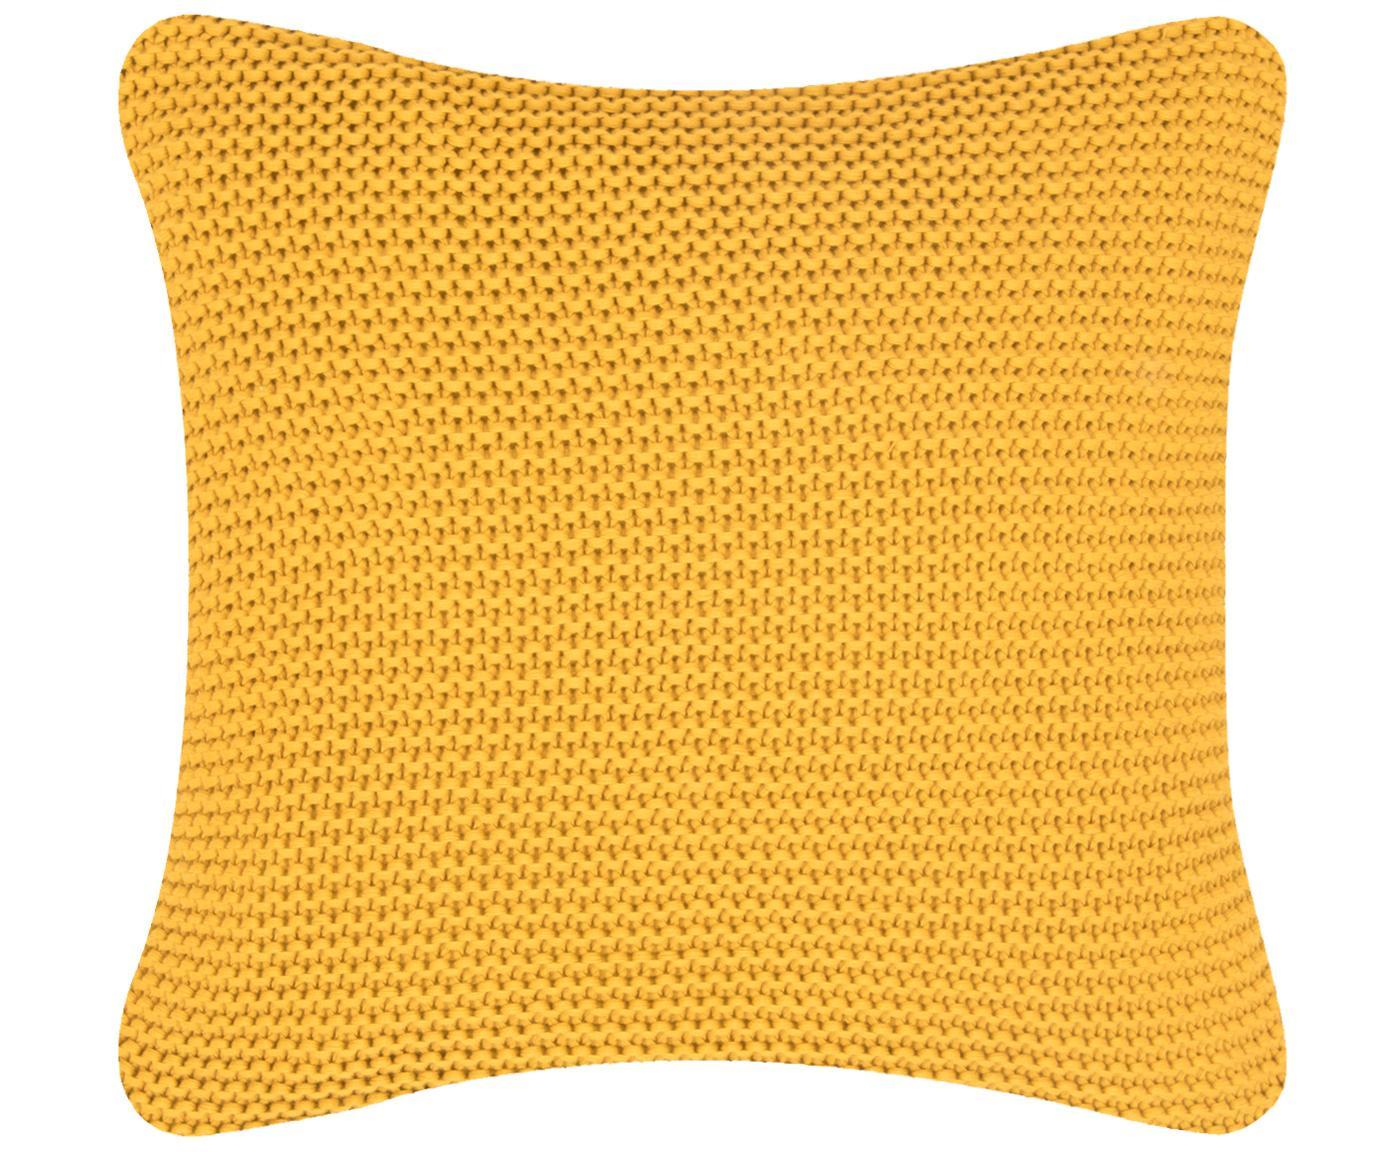 Poszewka na poduszkę z dzianiny Adalyn, 100% bawełna, Brunatnożółty, S 40 x D 40 cm